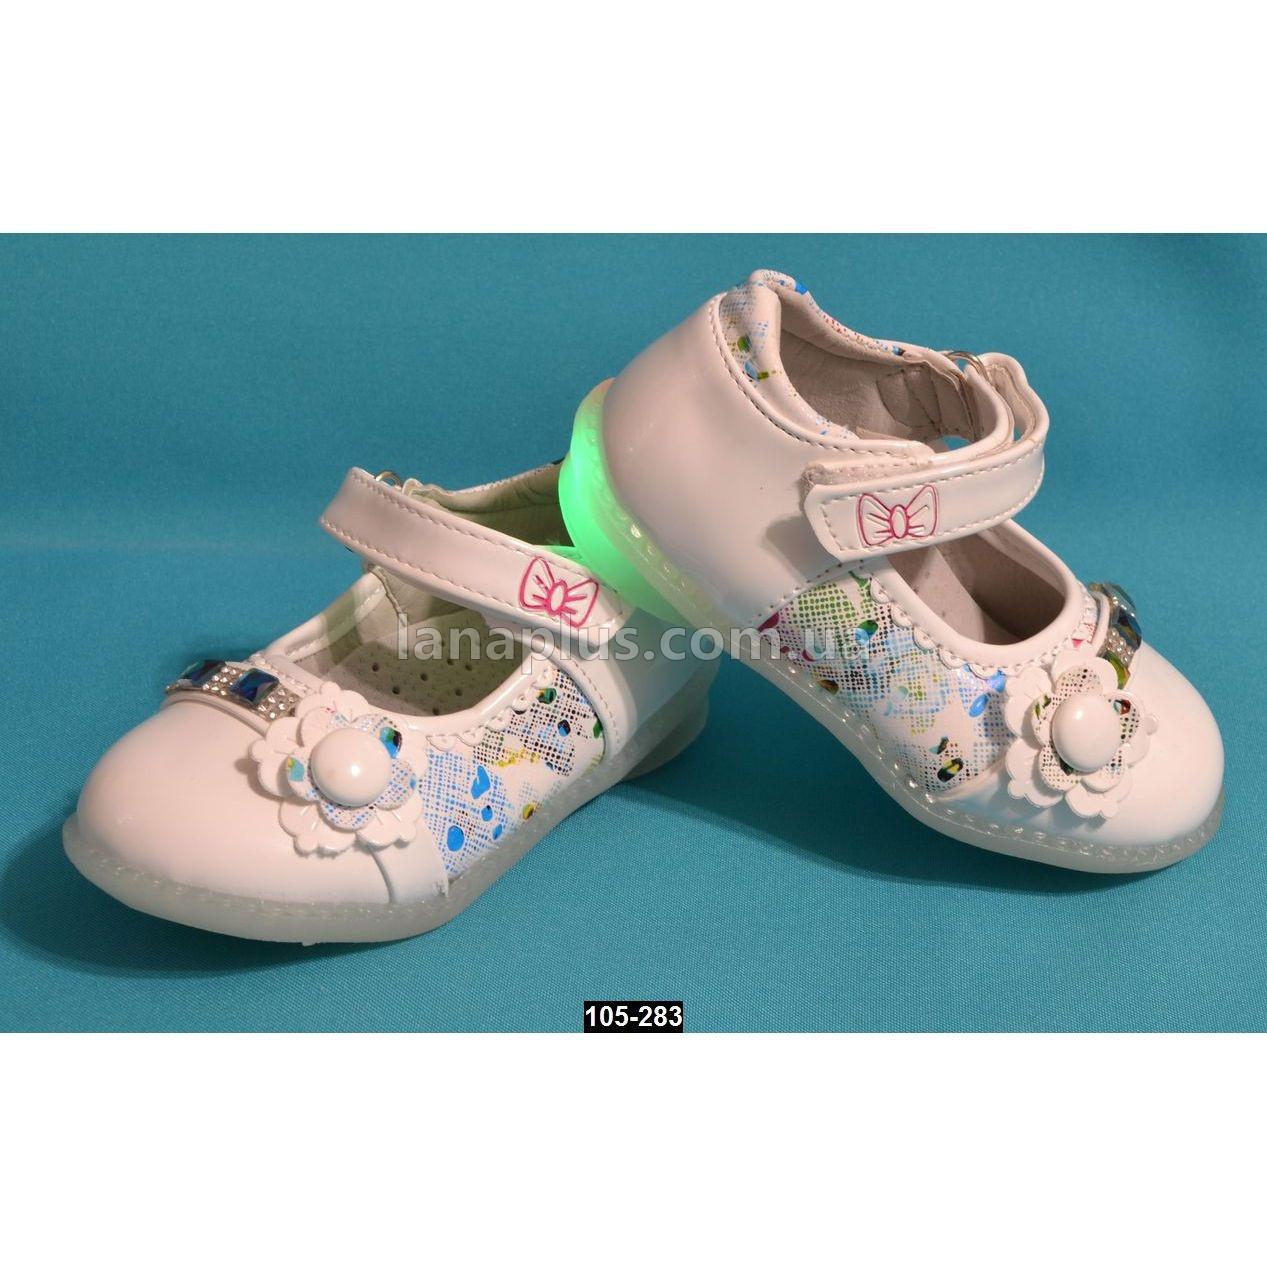 Светящиеся туфли для девочки, LED мигалки, супинатор, 24 размер (14.5 см)